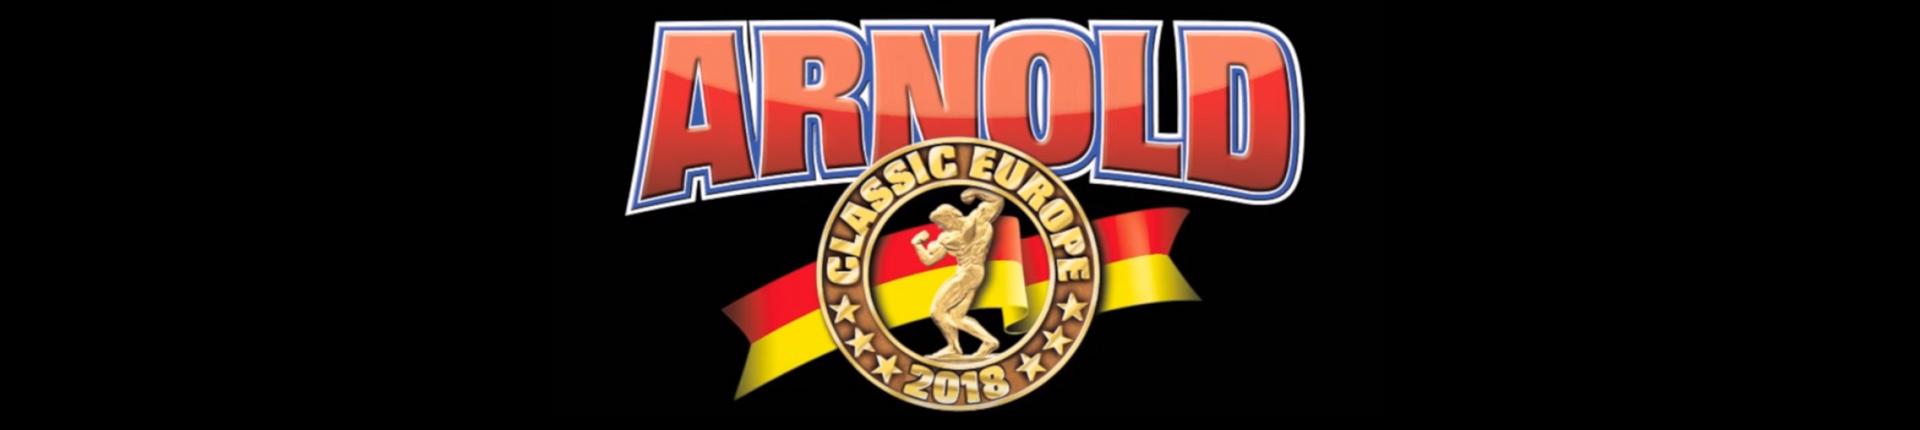 Arnold Classic Europe 2018. Dzień trzeci, znów złote krążki!